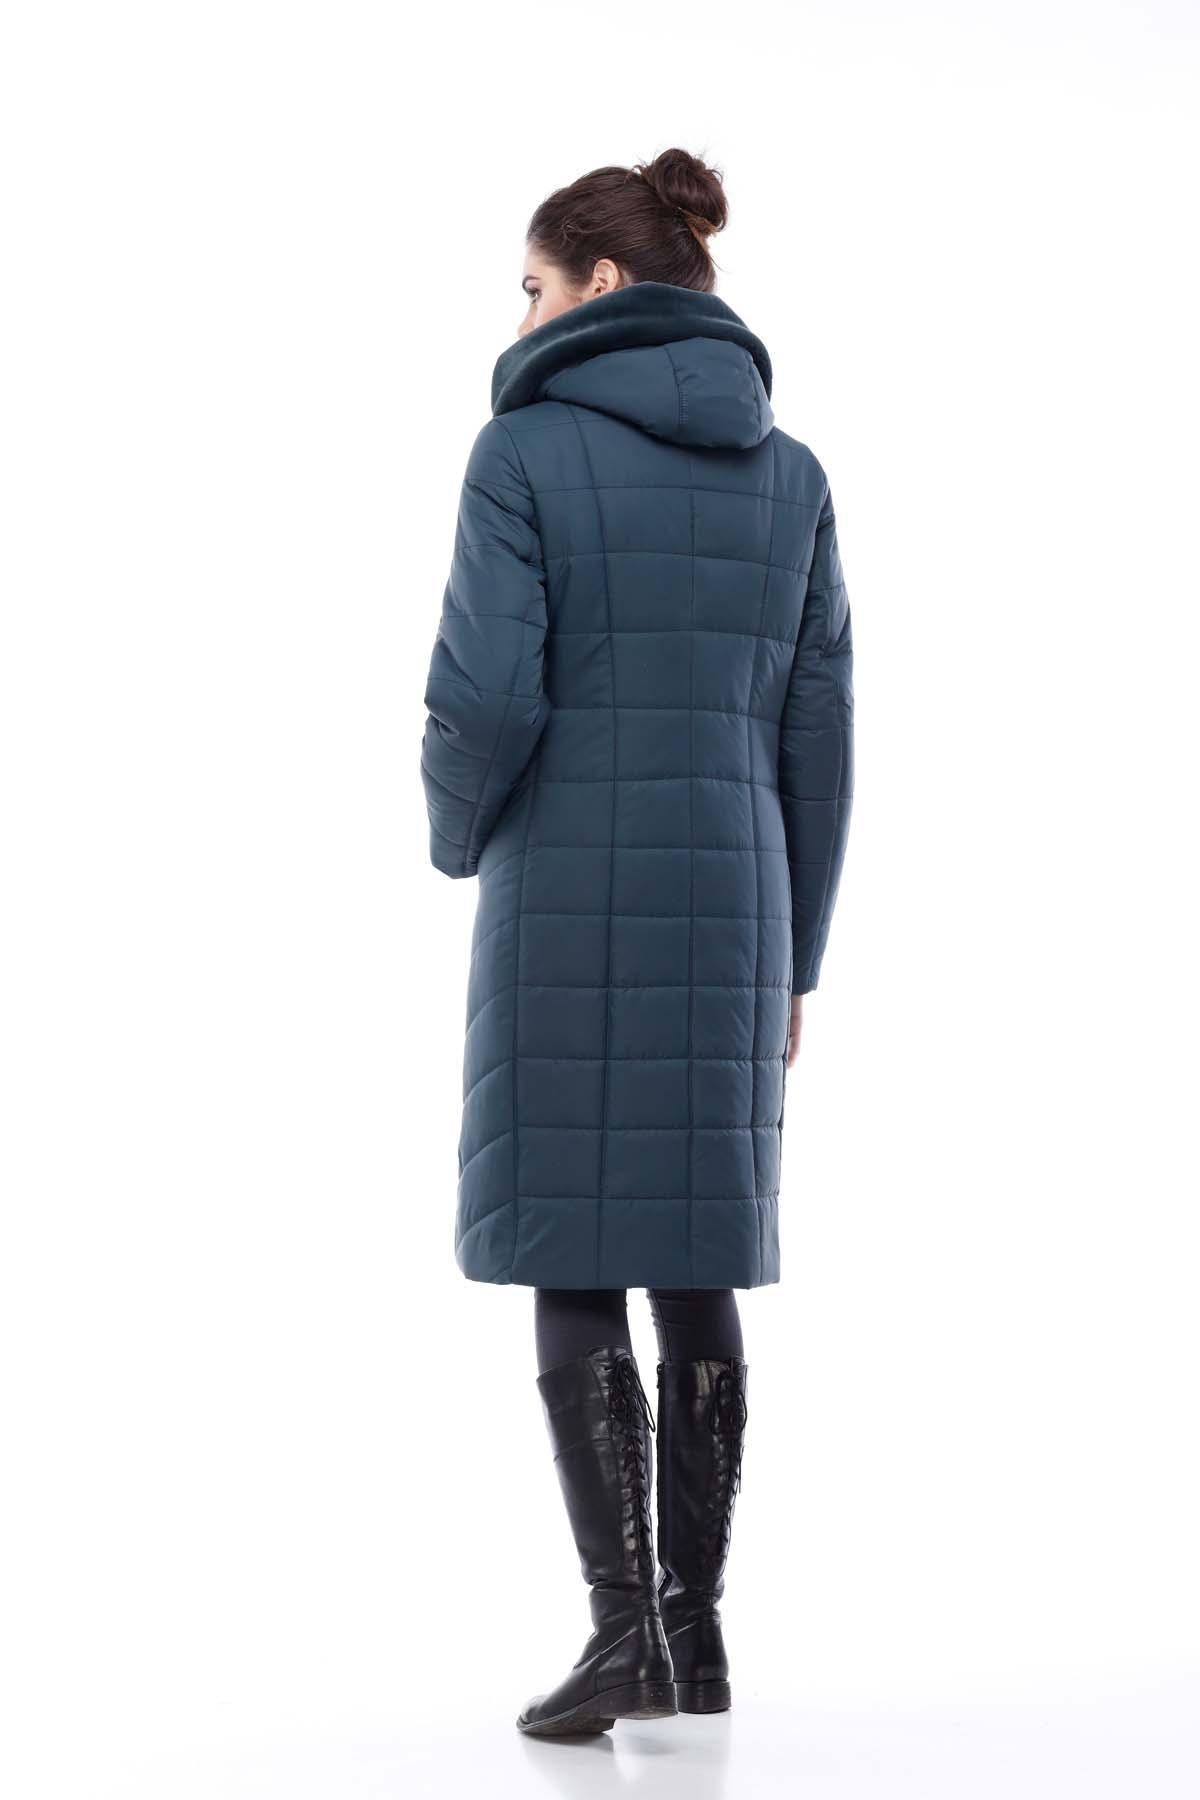 Зимове пальто стьогане Кім Зима, кролик бутилка